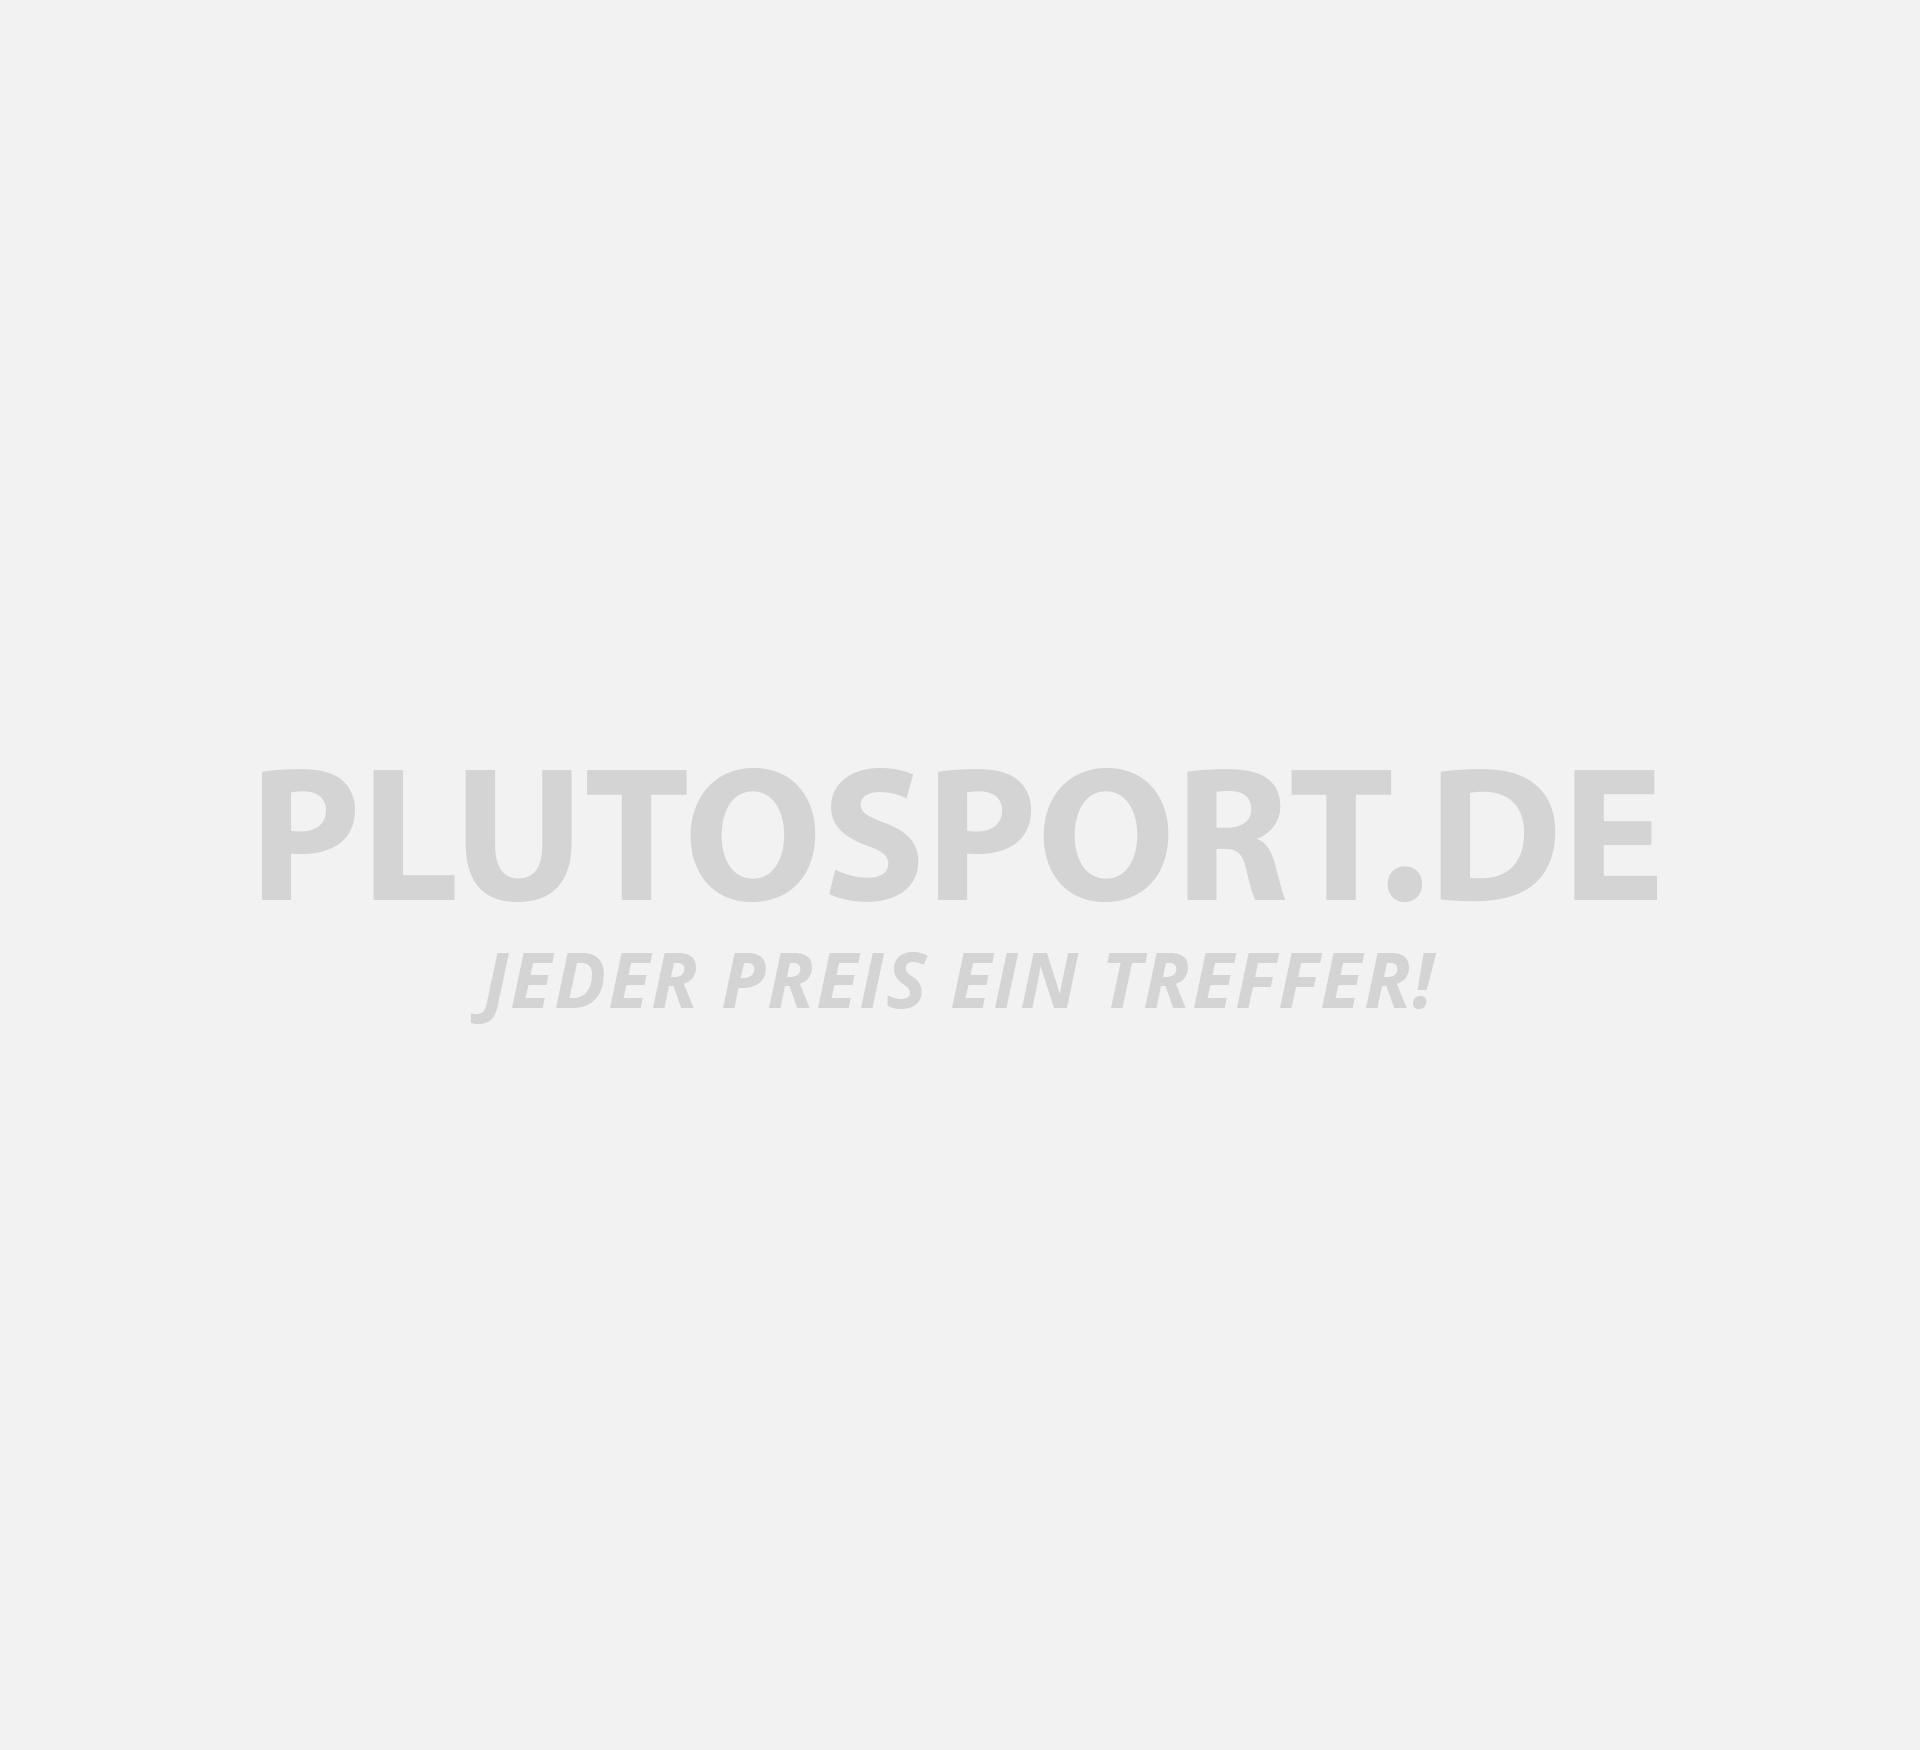 Zandstra Twarres Schlittschuhschoner (Eiskunstlauf- und Hockey)